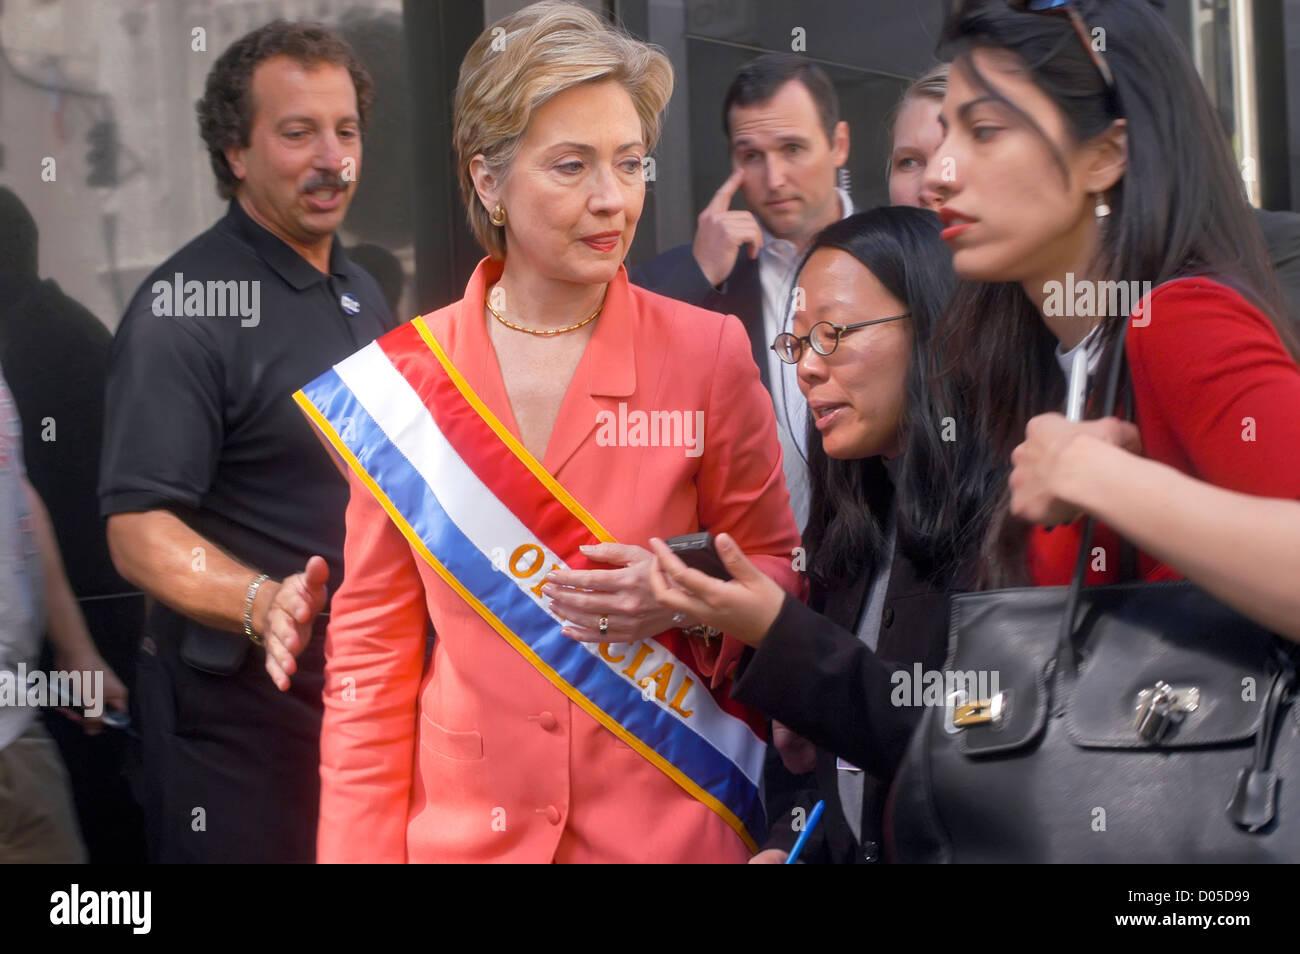 Senatorin Hillary Clinton, begleitet von Huma Abadin, spricht mit Reportern, da sie den Labor Day Parade verlässt. Stockbild